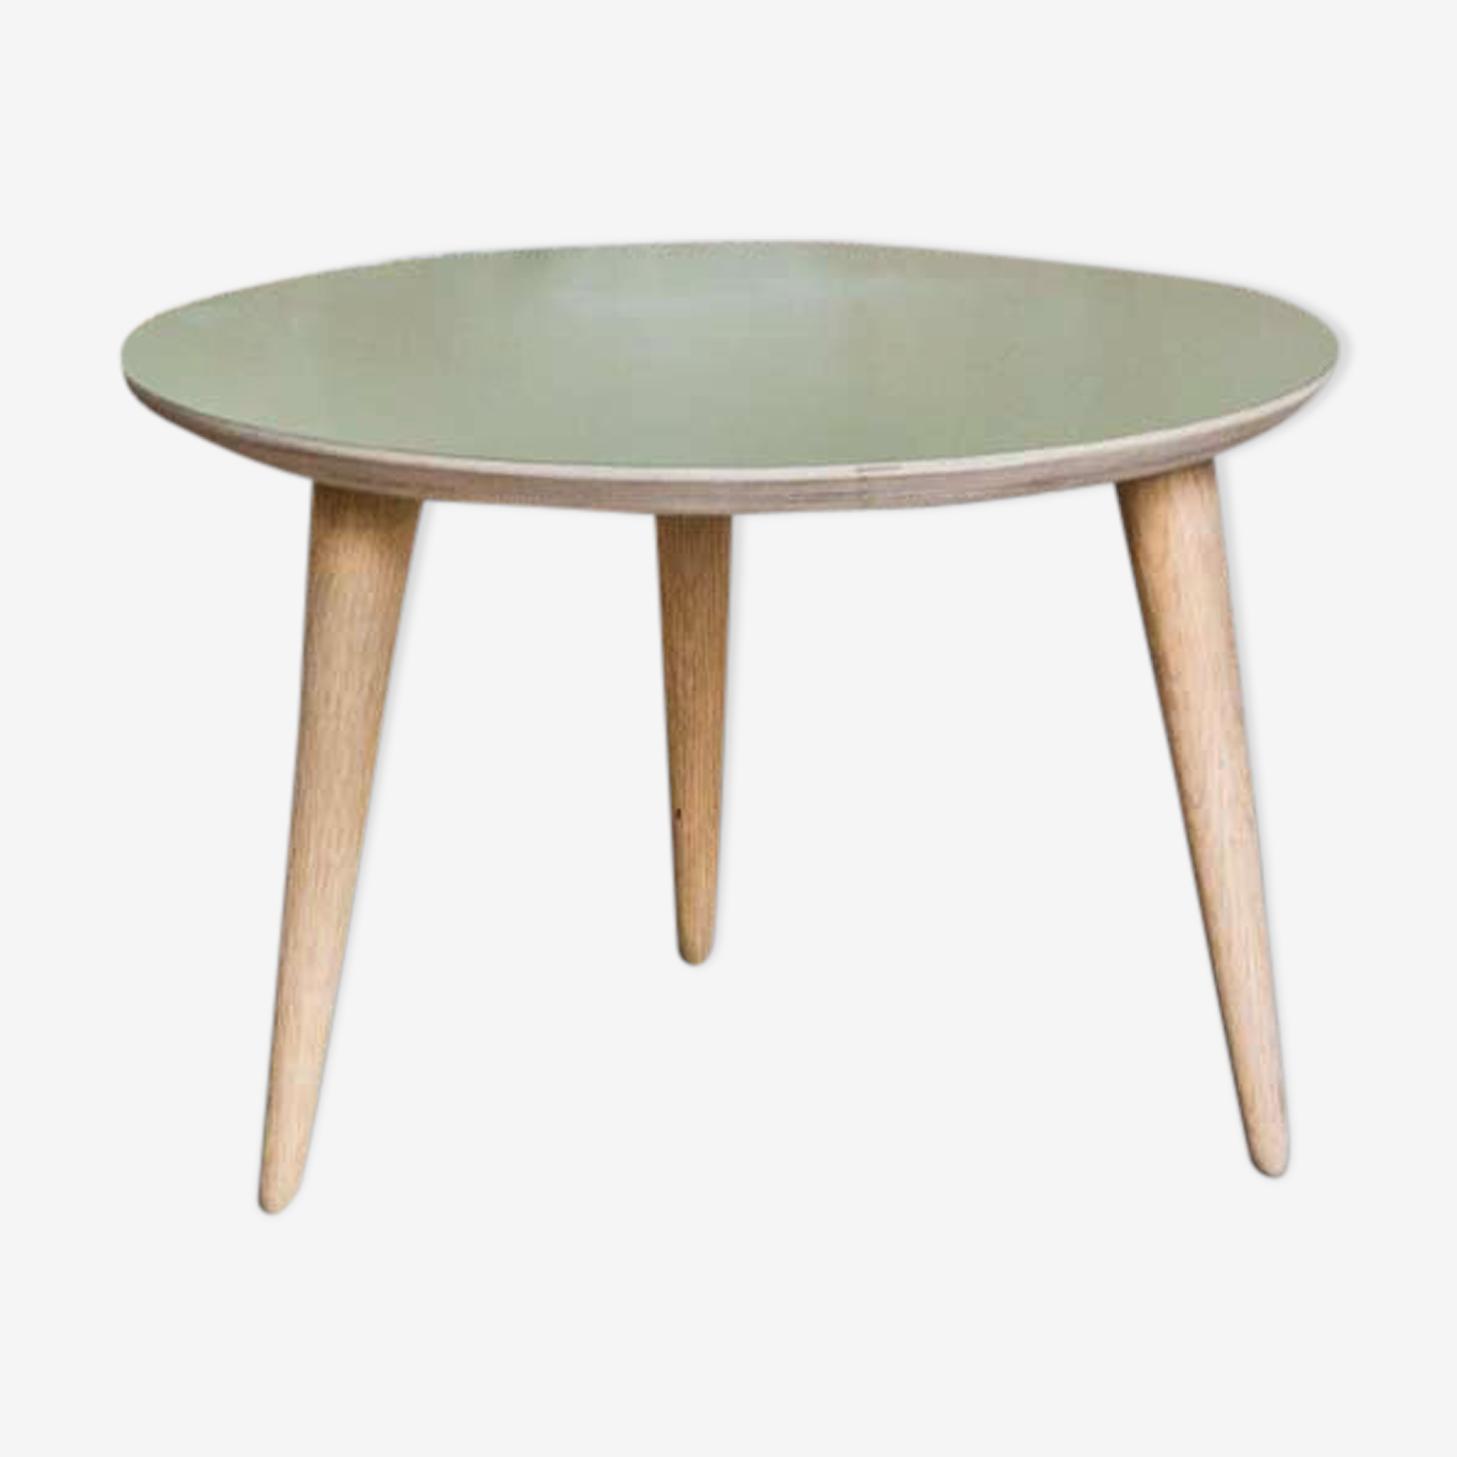 Table basse ronde D50cm avec pied compas en chêne massif & plateau vert